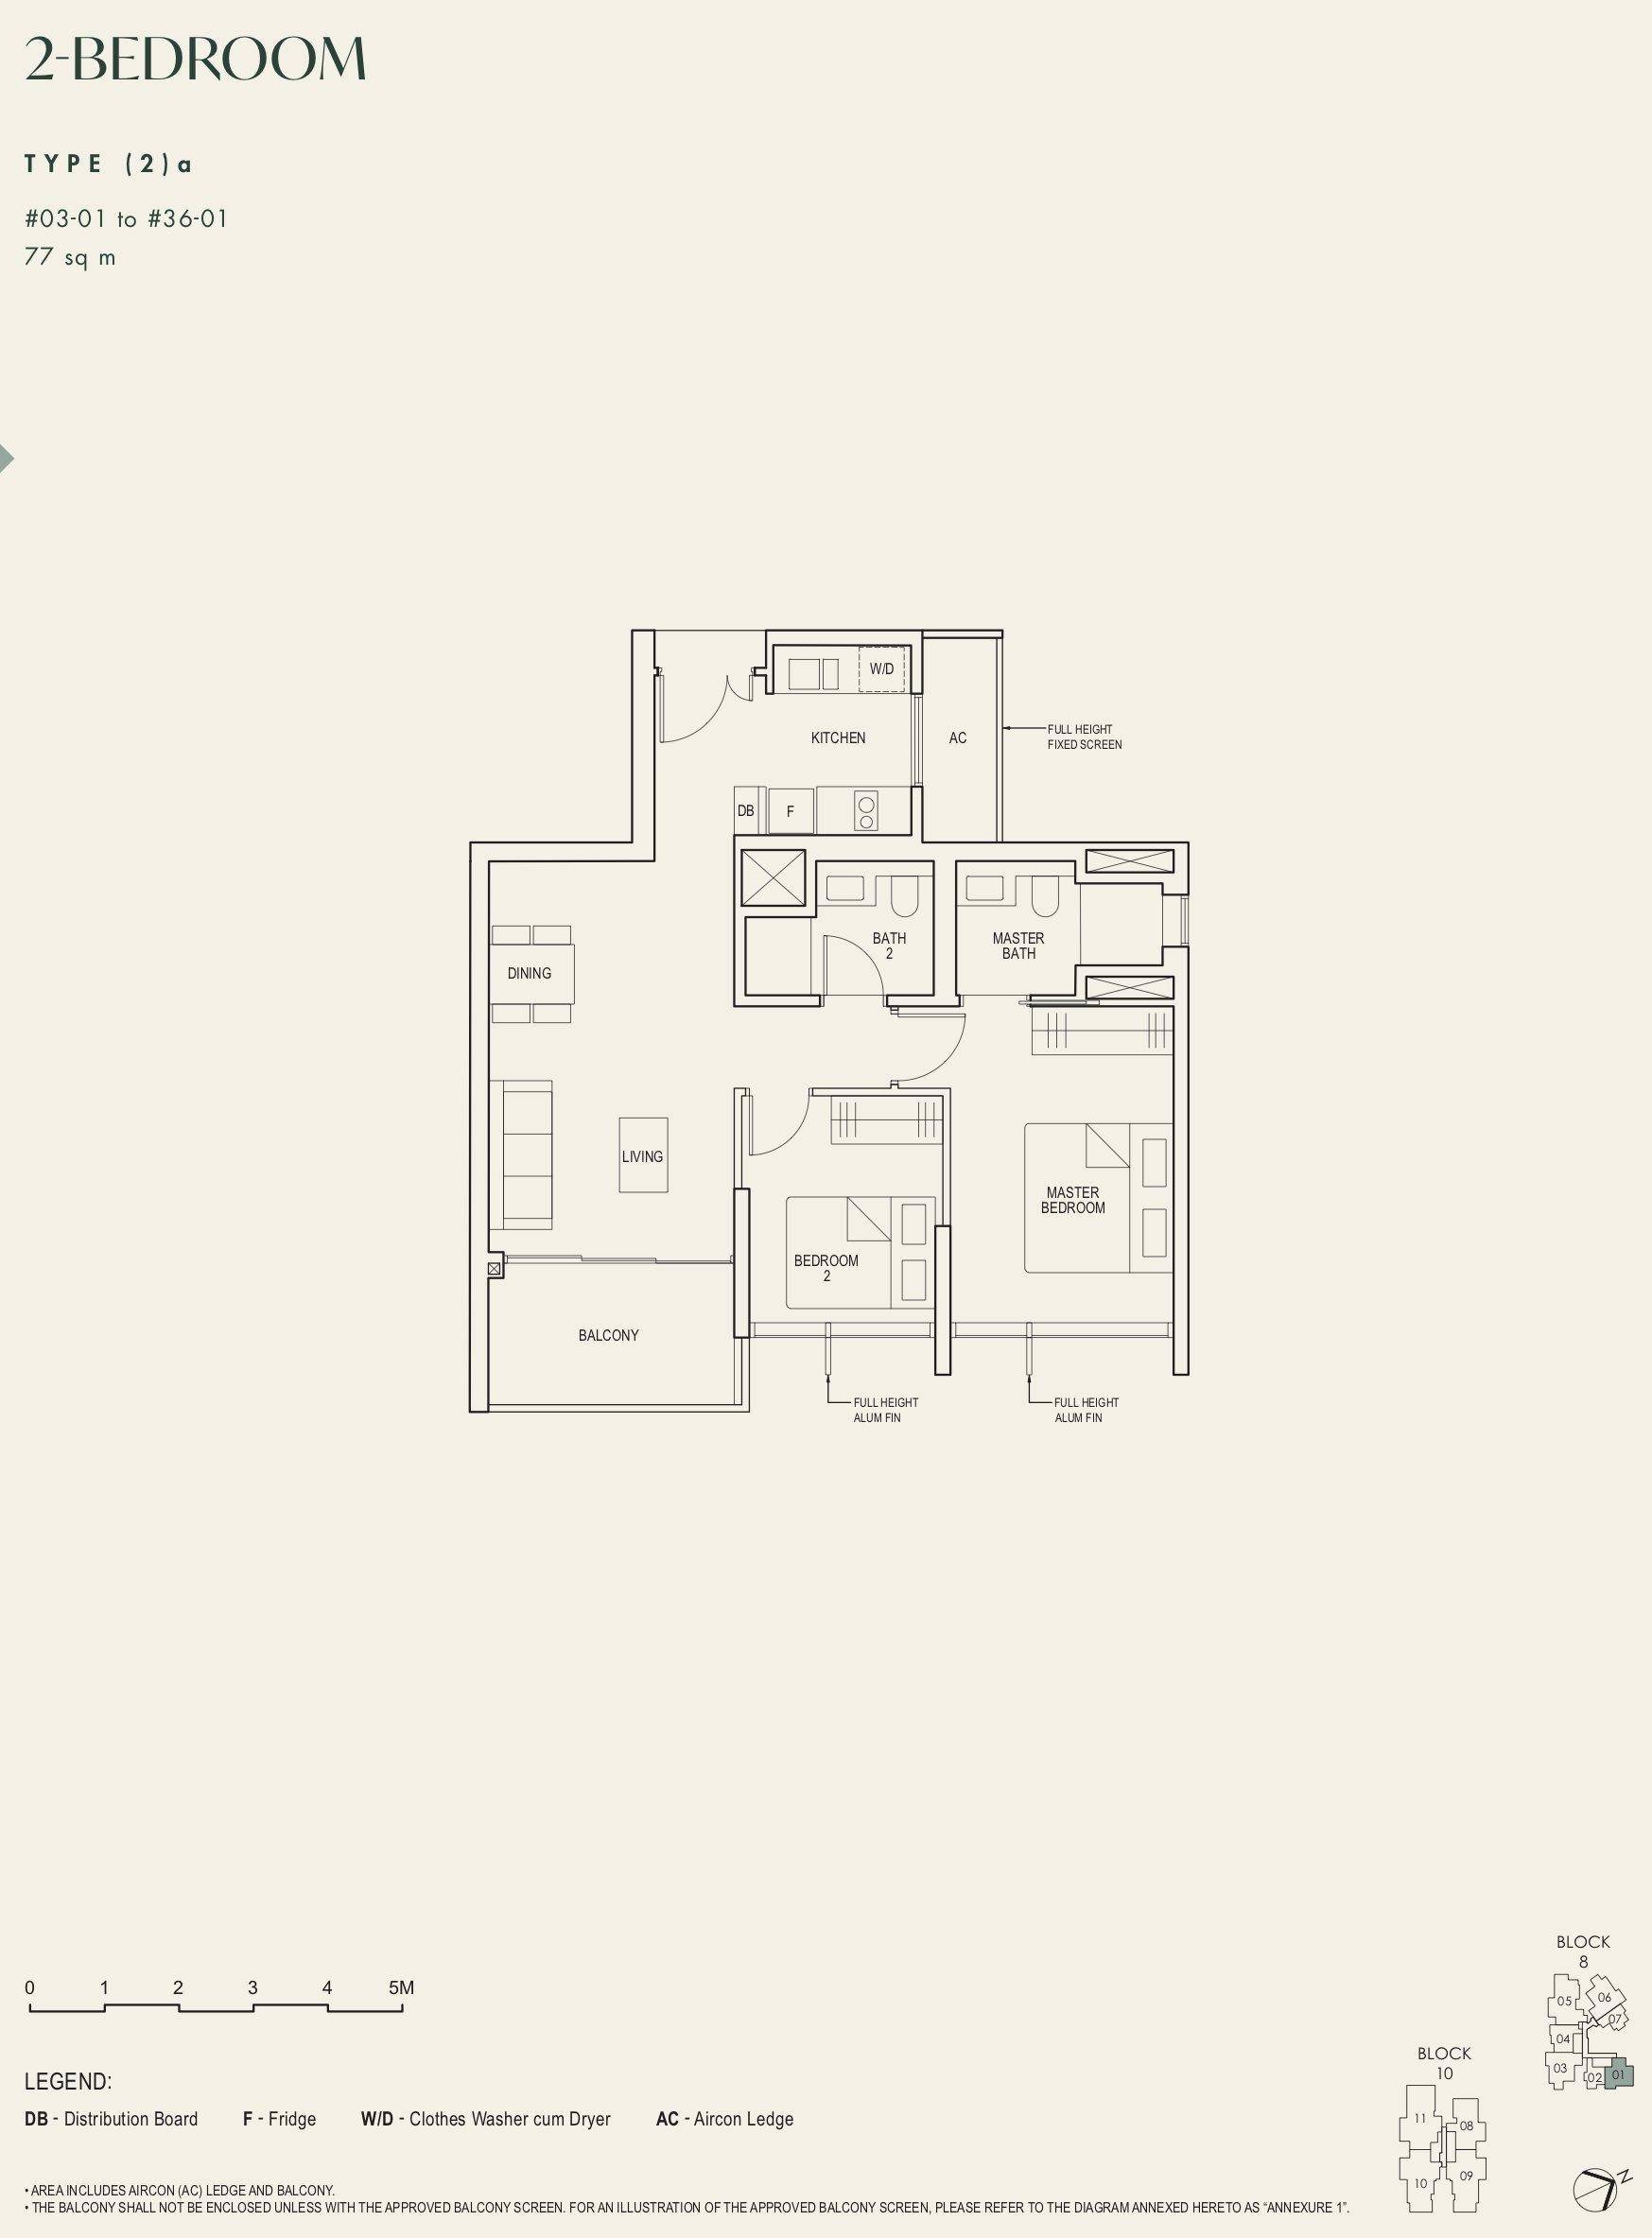 The Avenir 2 bedroom 2a floor plan